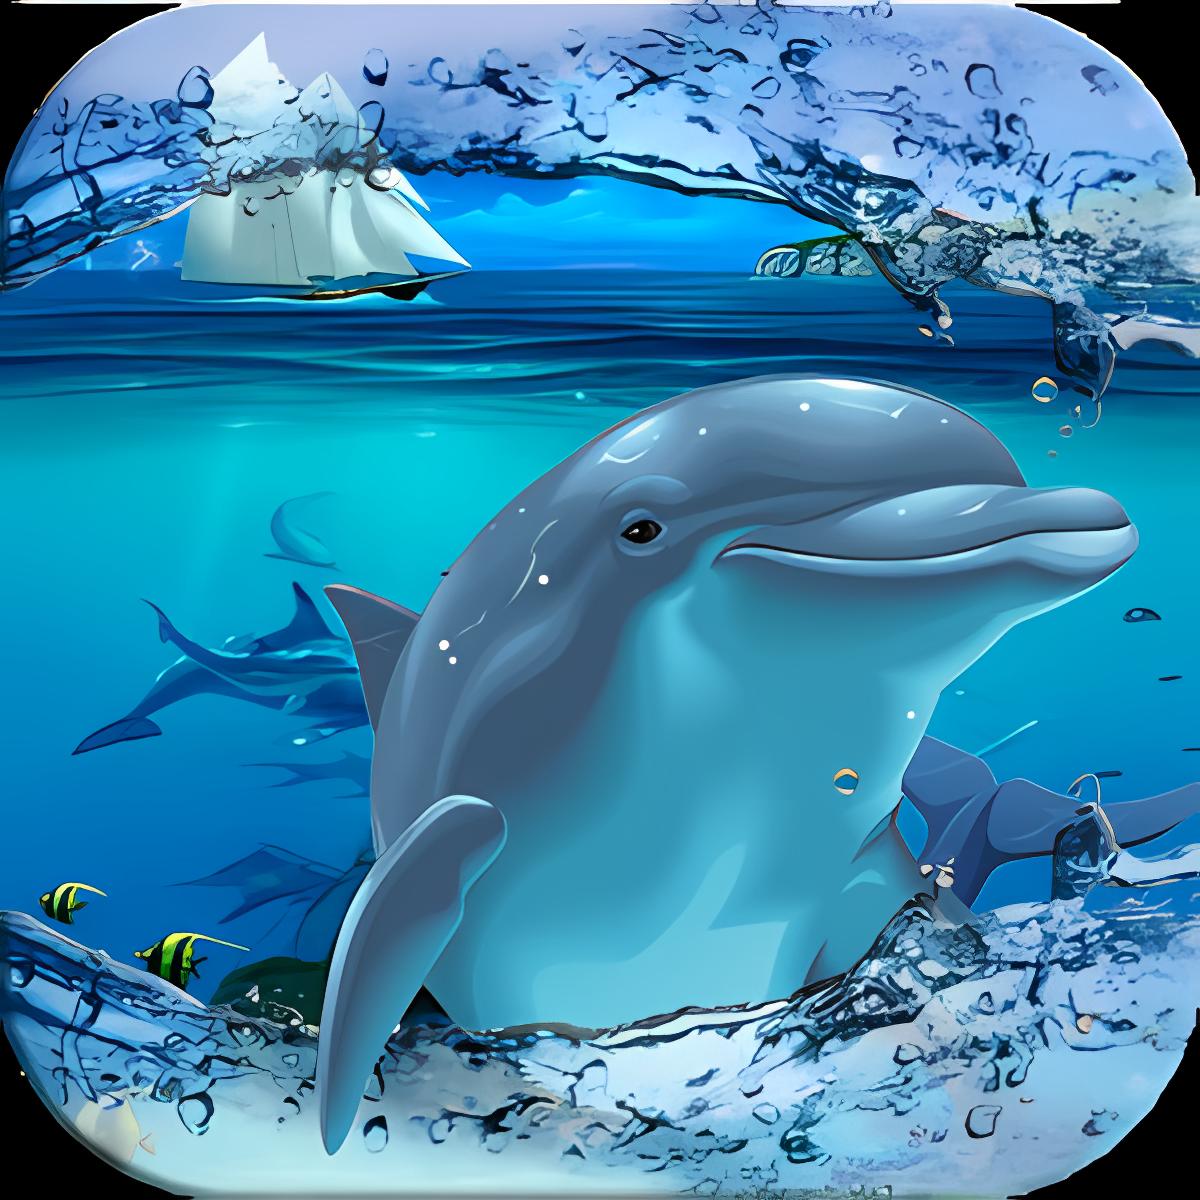 Mar delfines nadando 28